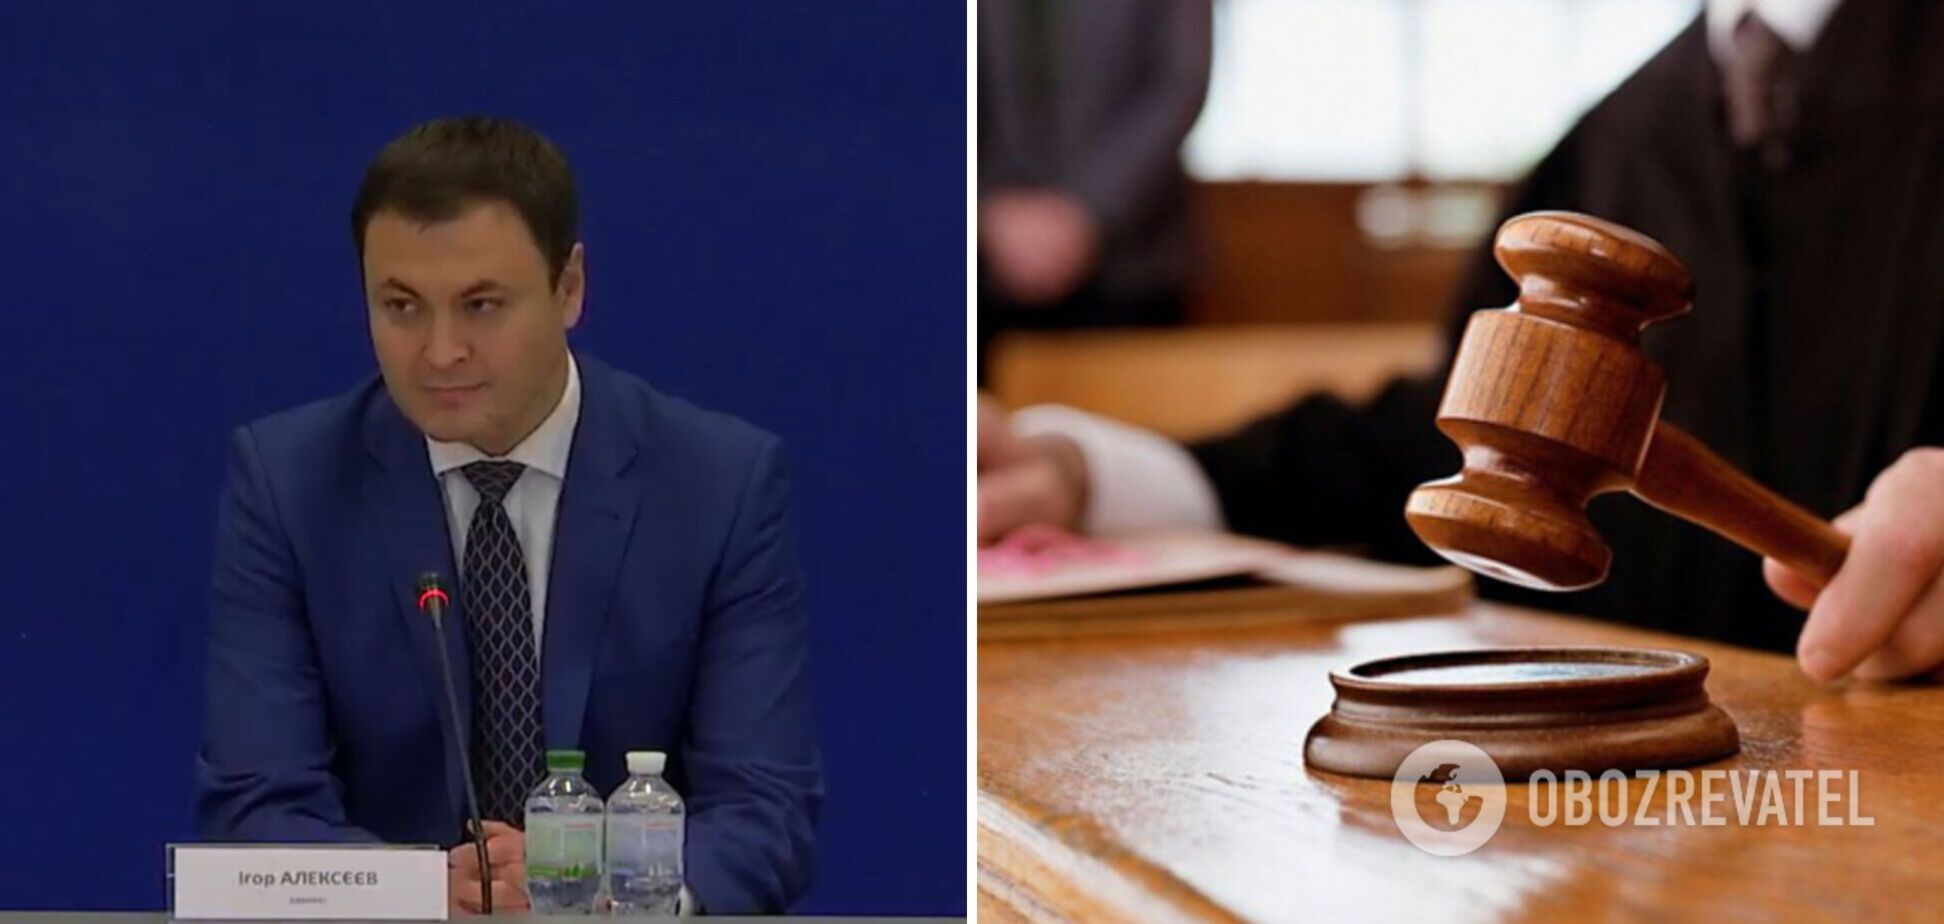 Сім'я Суркісів ніколи не заперечувала націоналізацію Приватбанку і не мала претензій до держави Україна, заявив адвокат